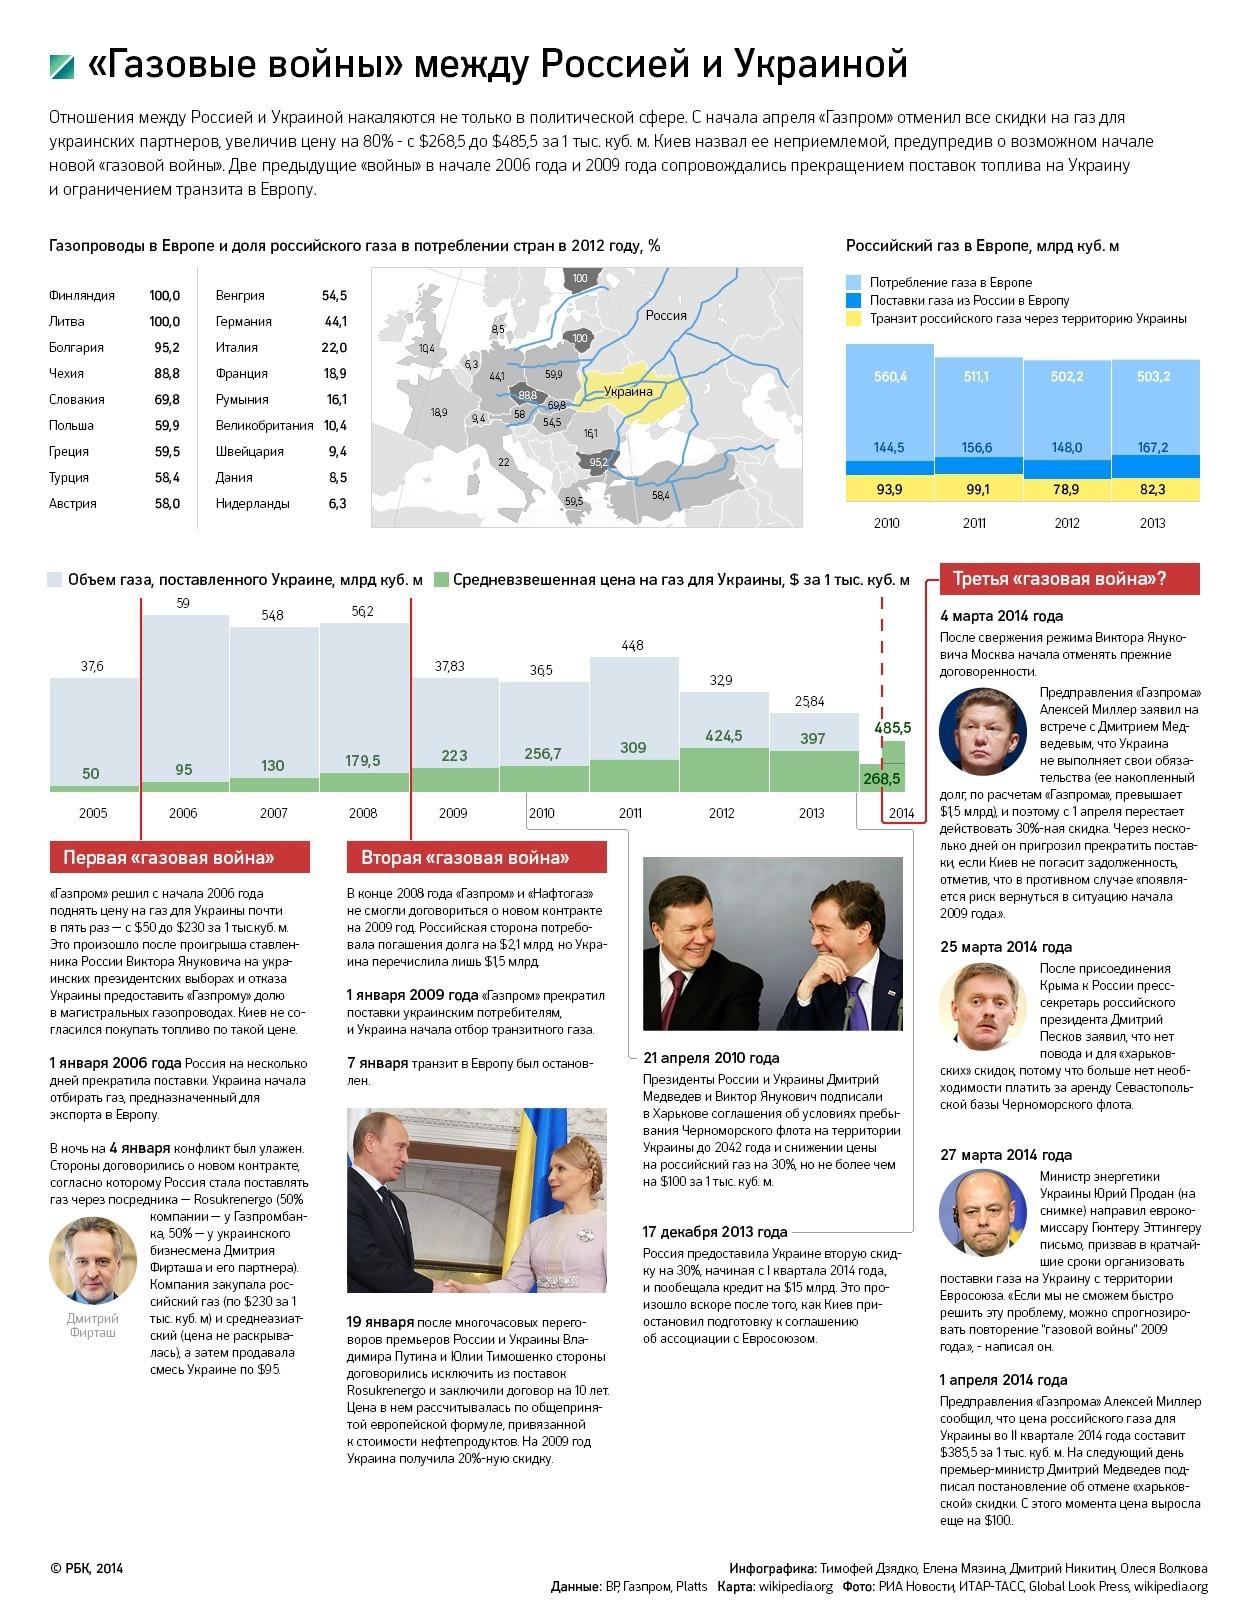 Киев согласился заплатить $3 млрд для возобновления поставок газа